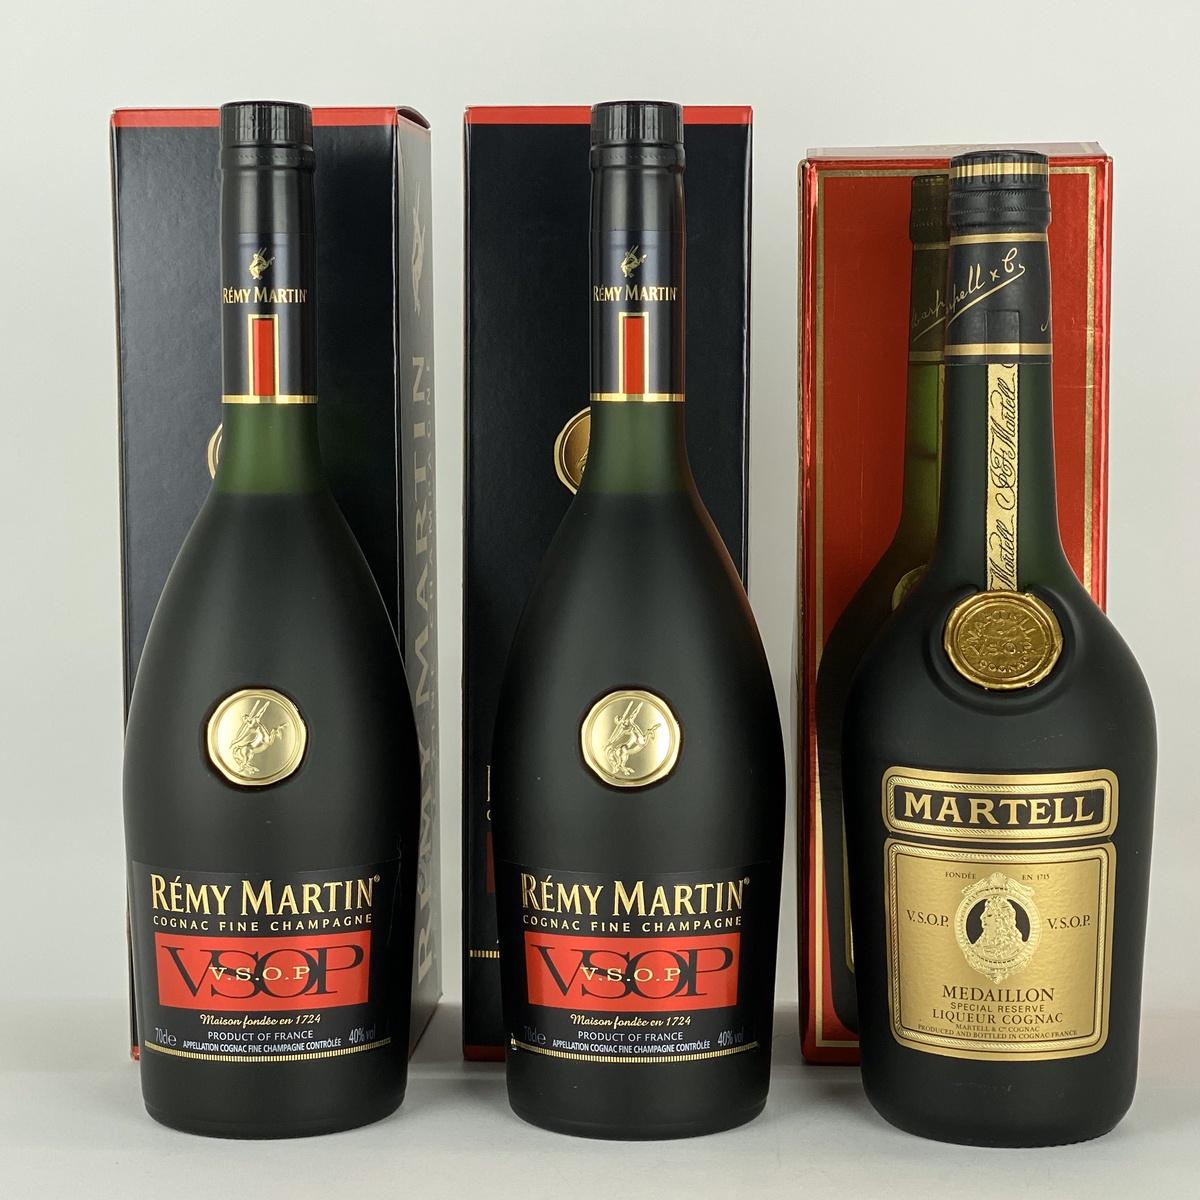 マーテル MARTELL レミーマルタン VSOP 3本 700 ml ブランデー セット 【古酒】